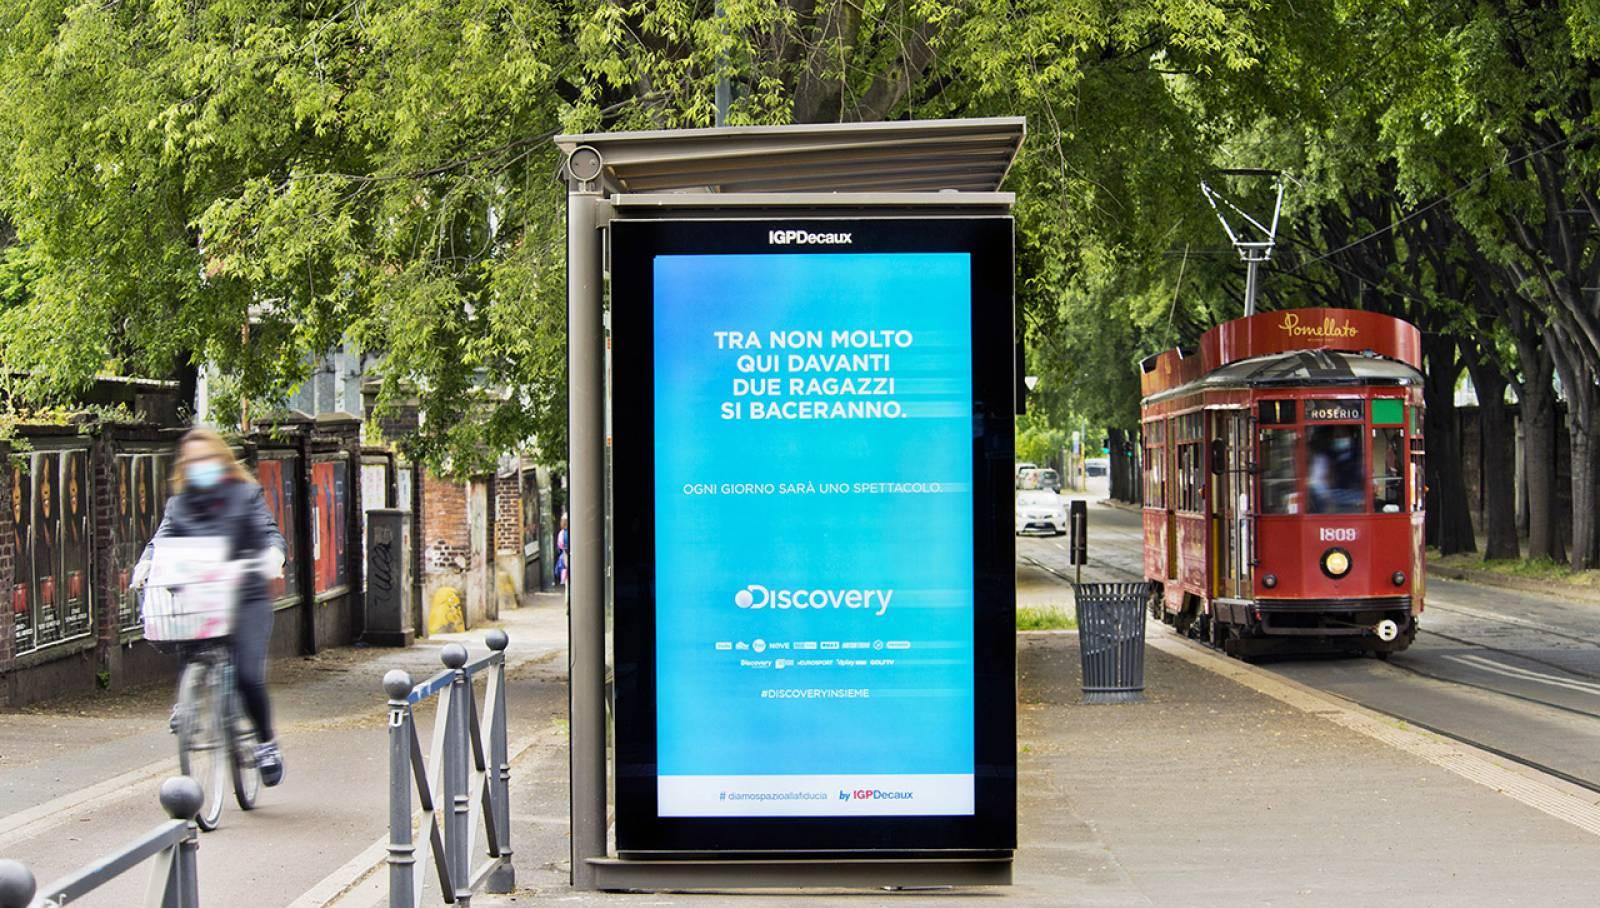 pubblicità sulle pensiline digitali IGPDecaux Milano Network Vision per Discovery Channel Italia